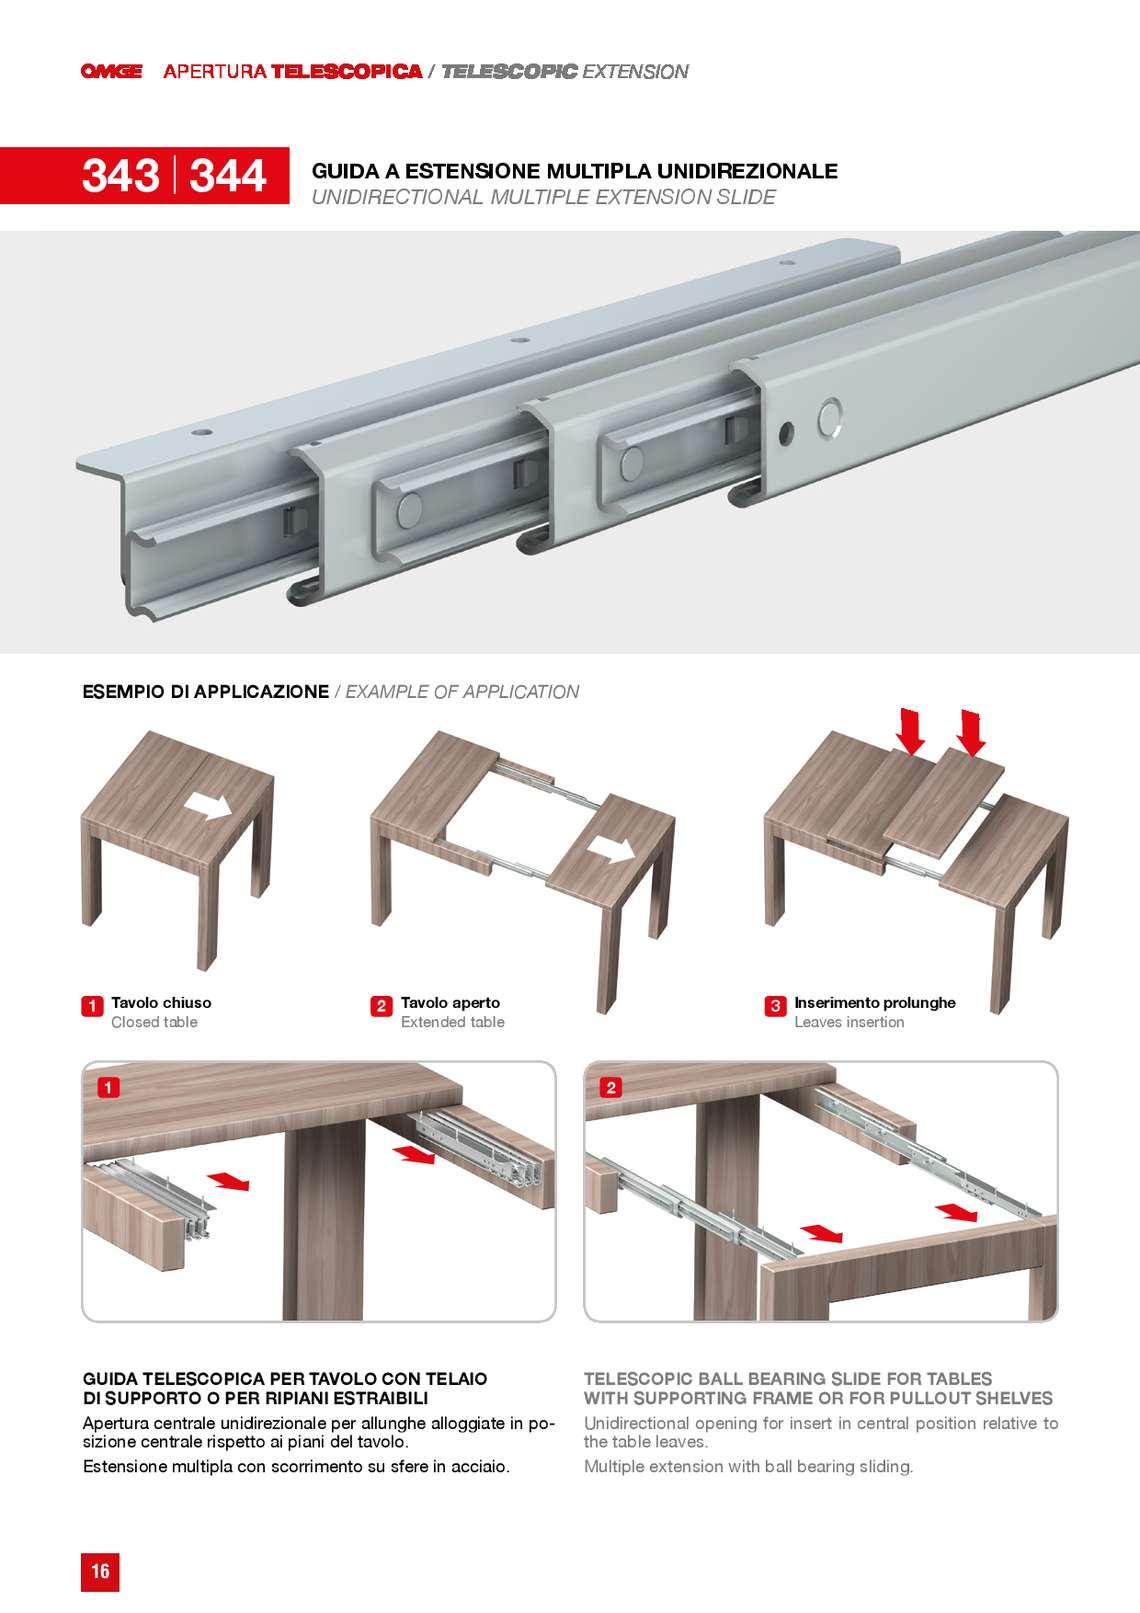 guide-per-allungamento-tavoli_163_015.jpg